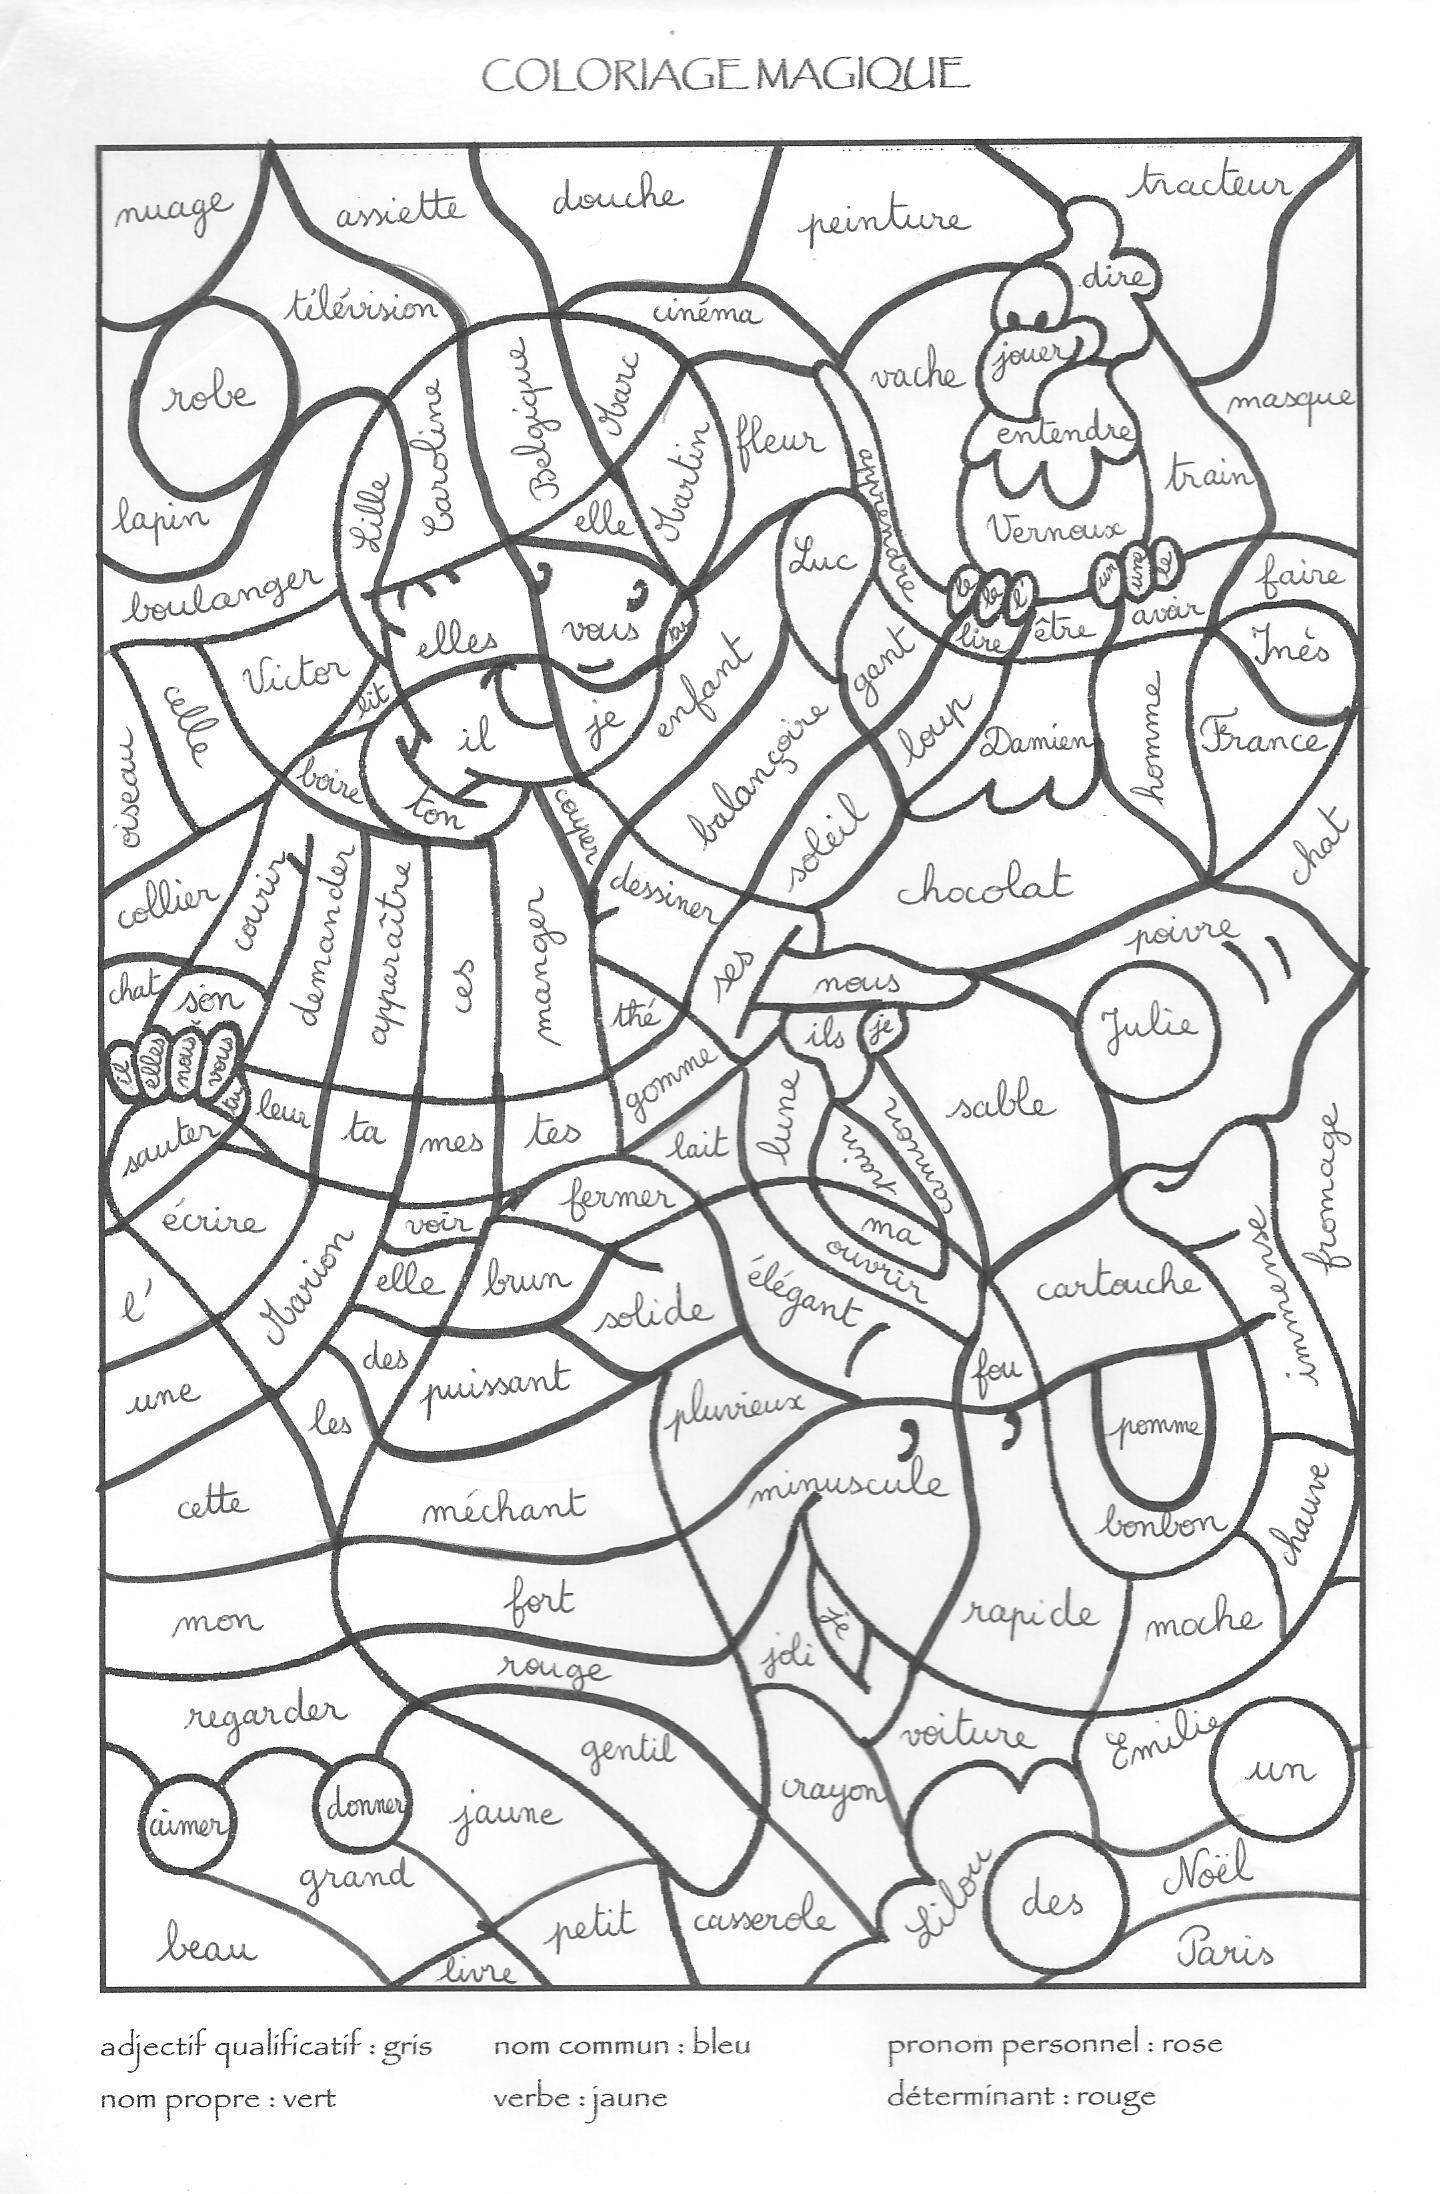 Coloriage Magique | Coloriage Magique Cm2, Coloriage tout Coloriage Magique Addition Ce1 À Imprimer